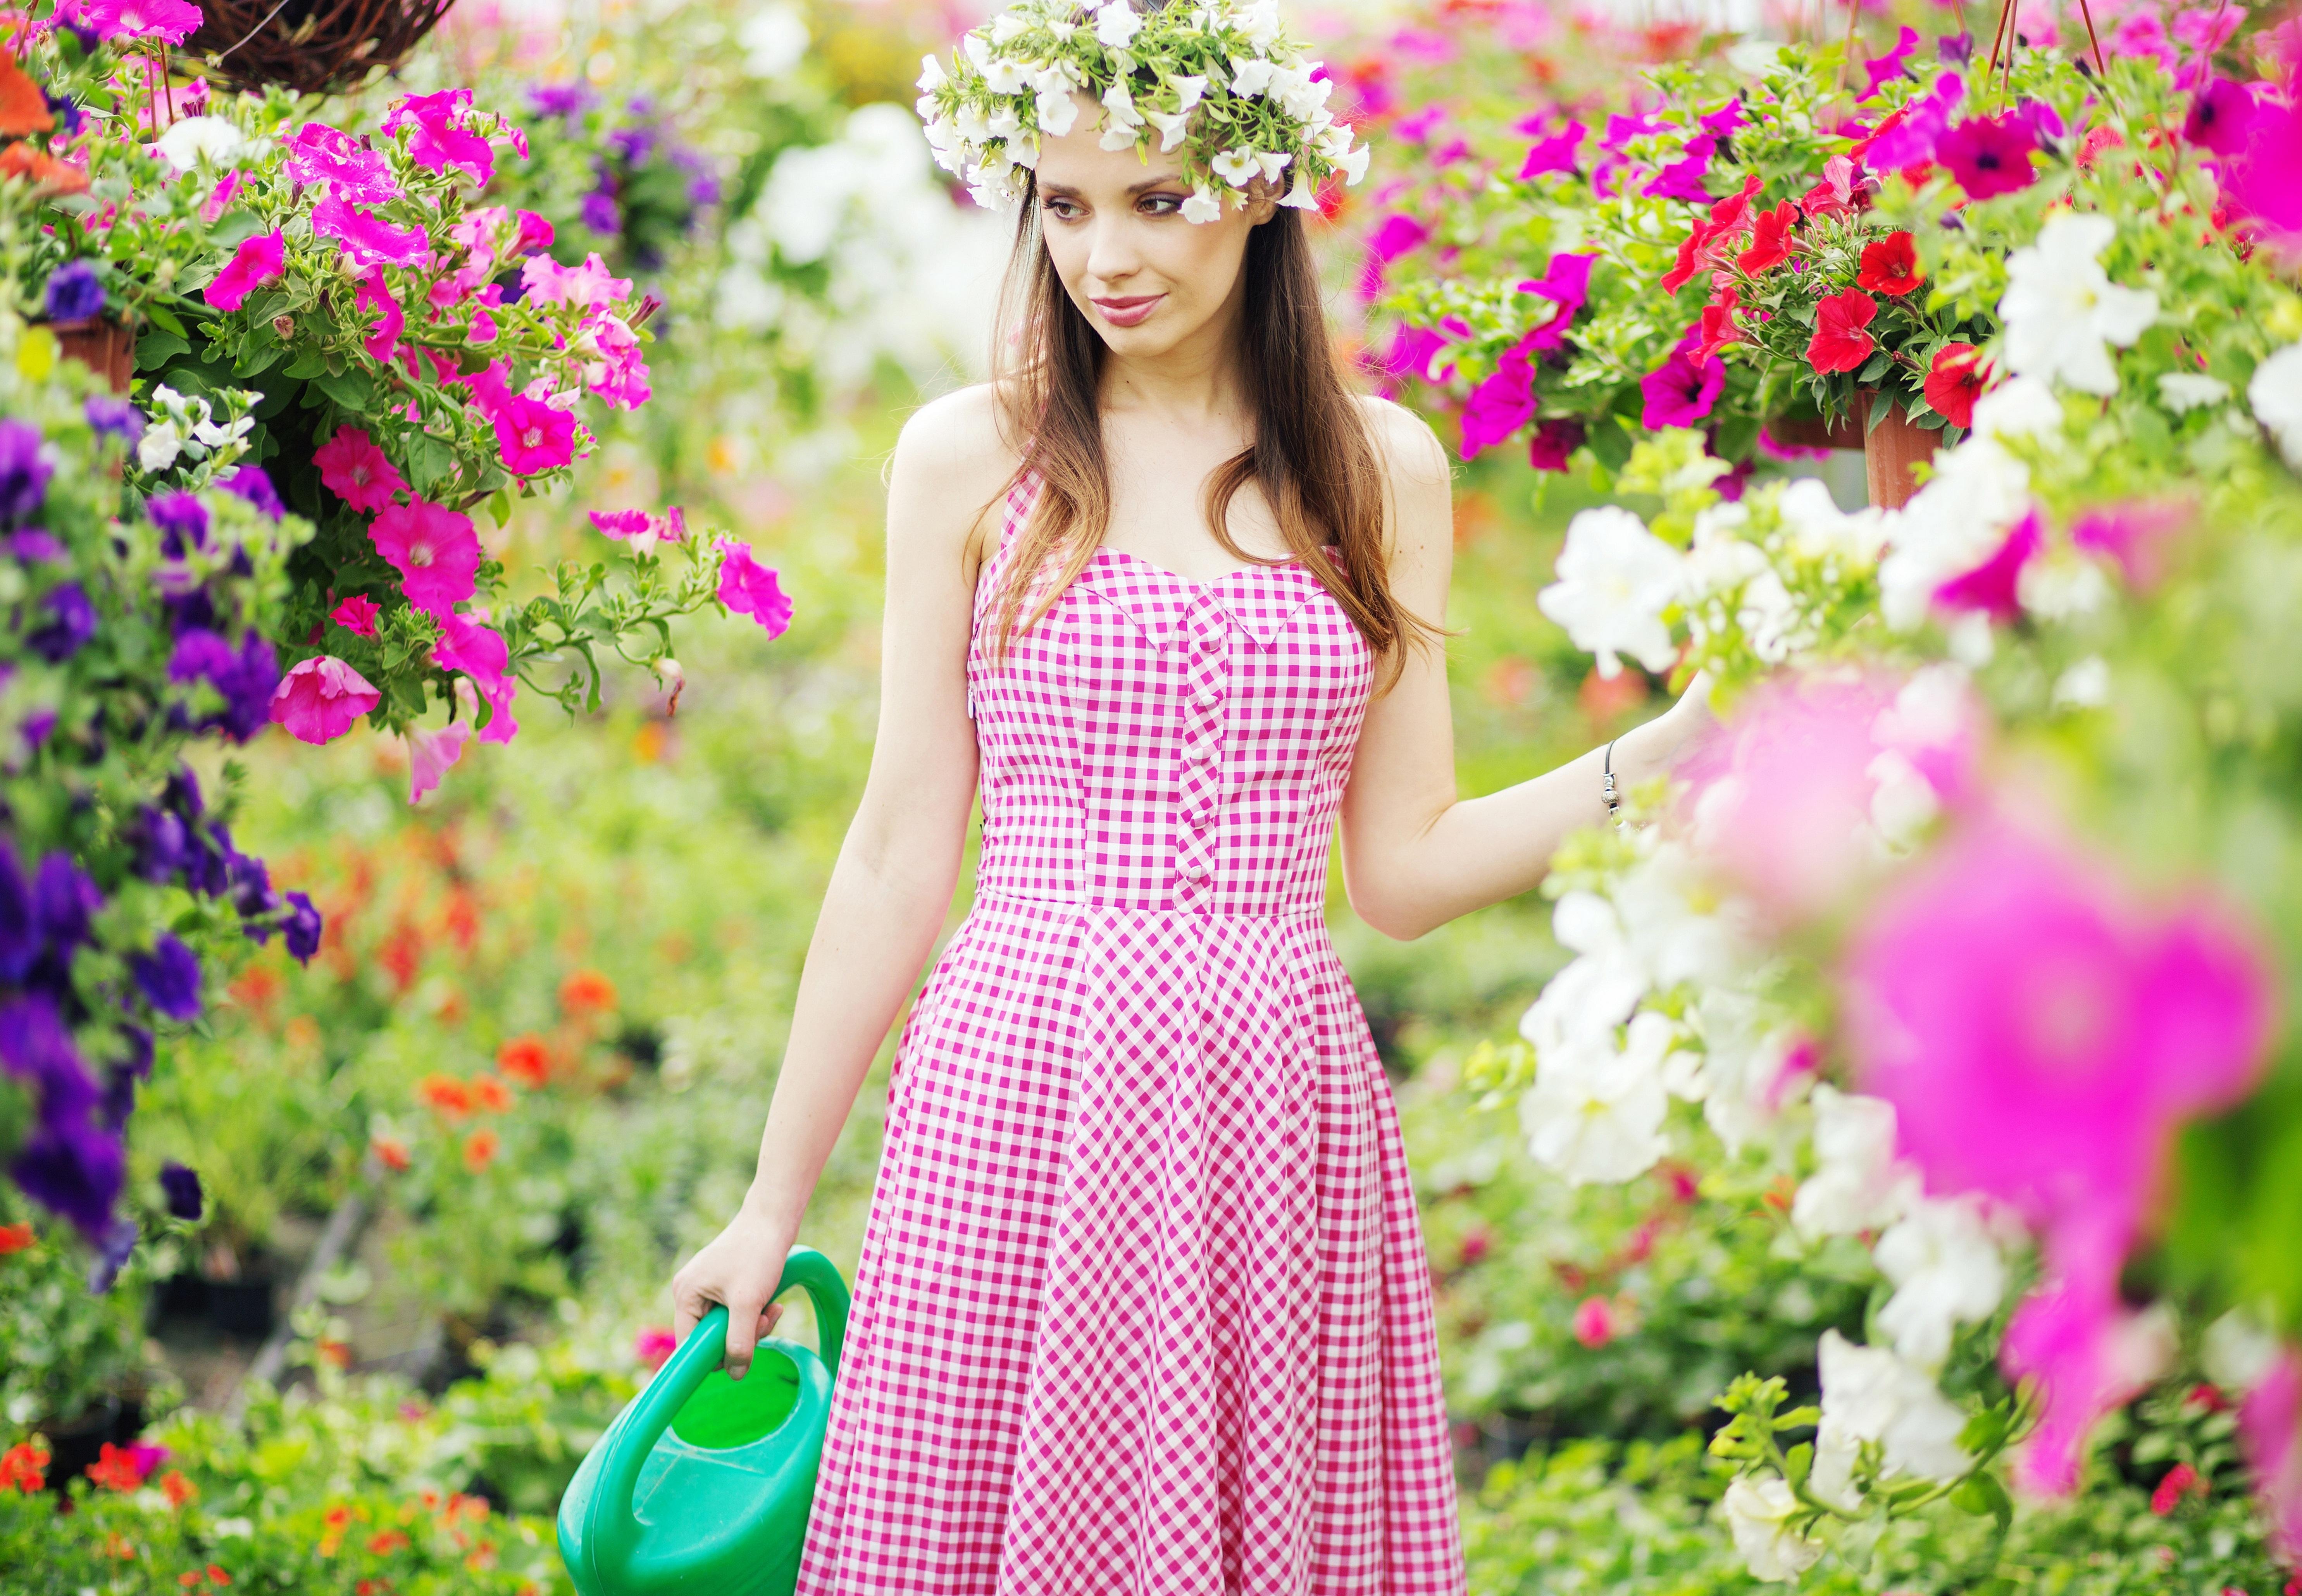 Девушка поливает цветы: фото и картинка девушка поливает